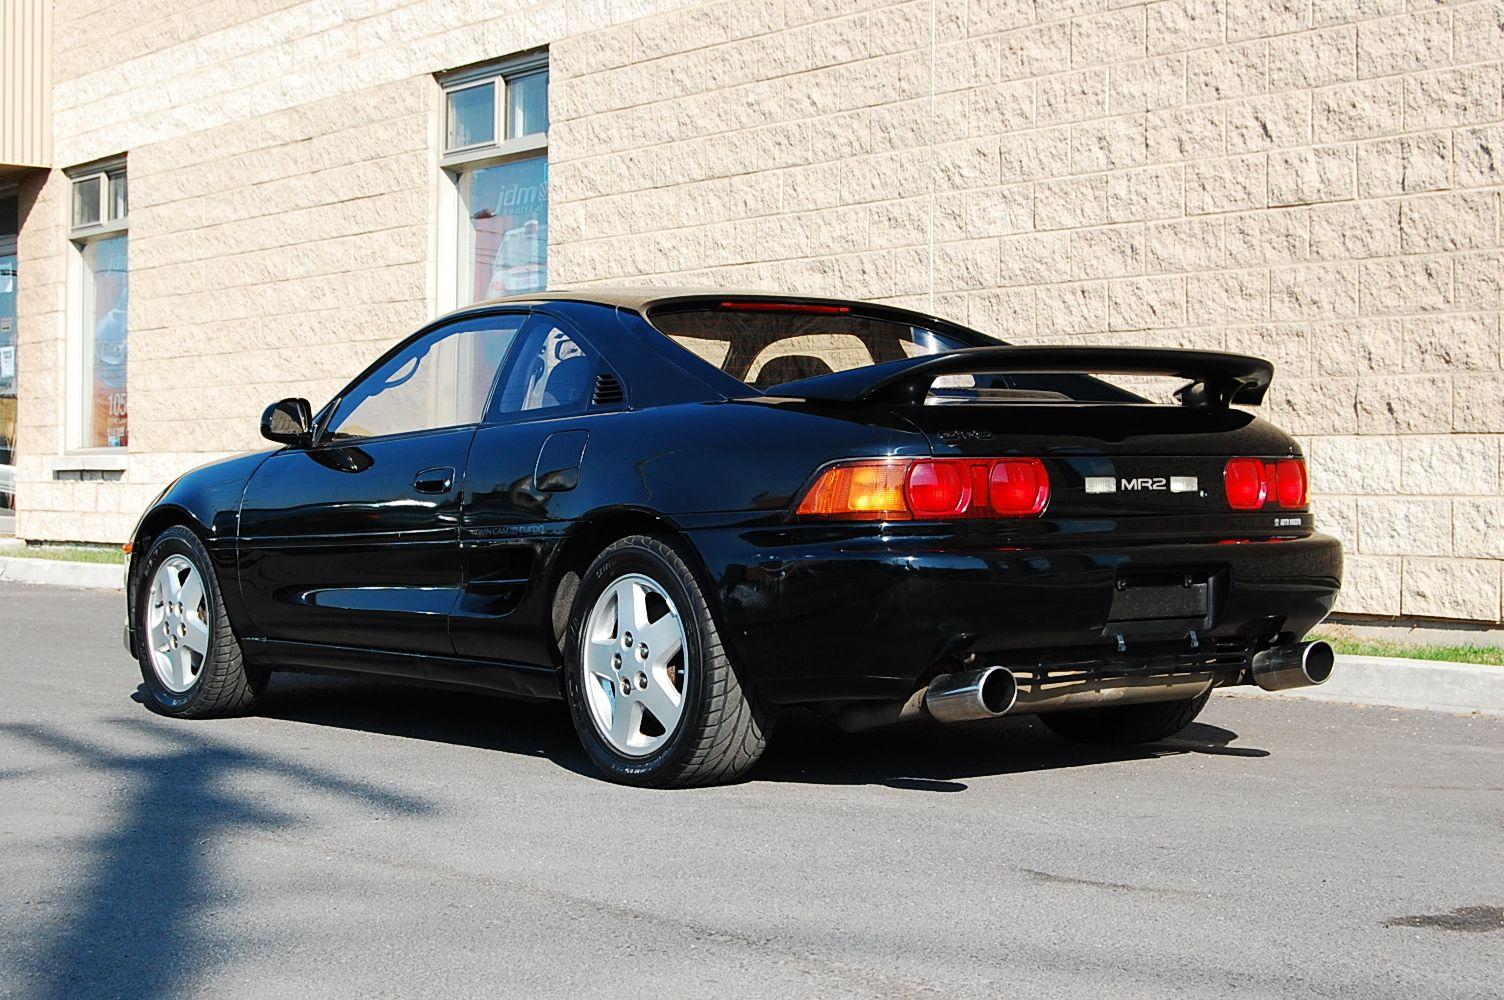 Kelebihan Kekurangan Mazda Mr2 Spesifikasi